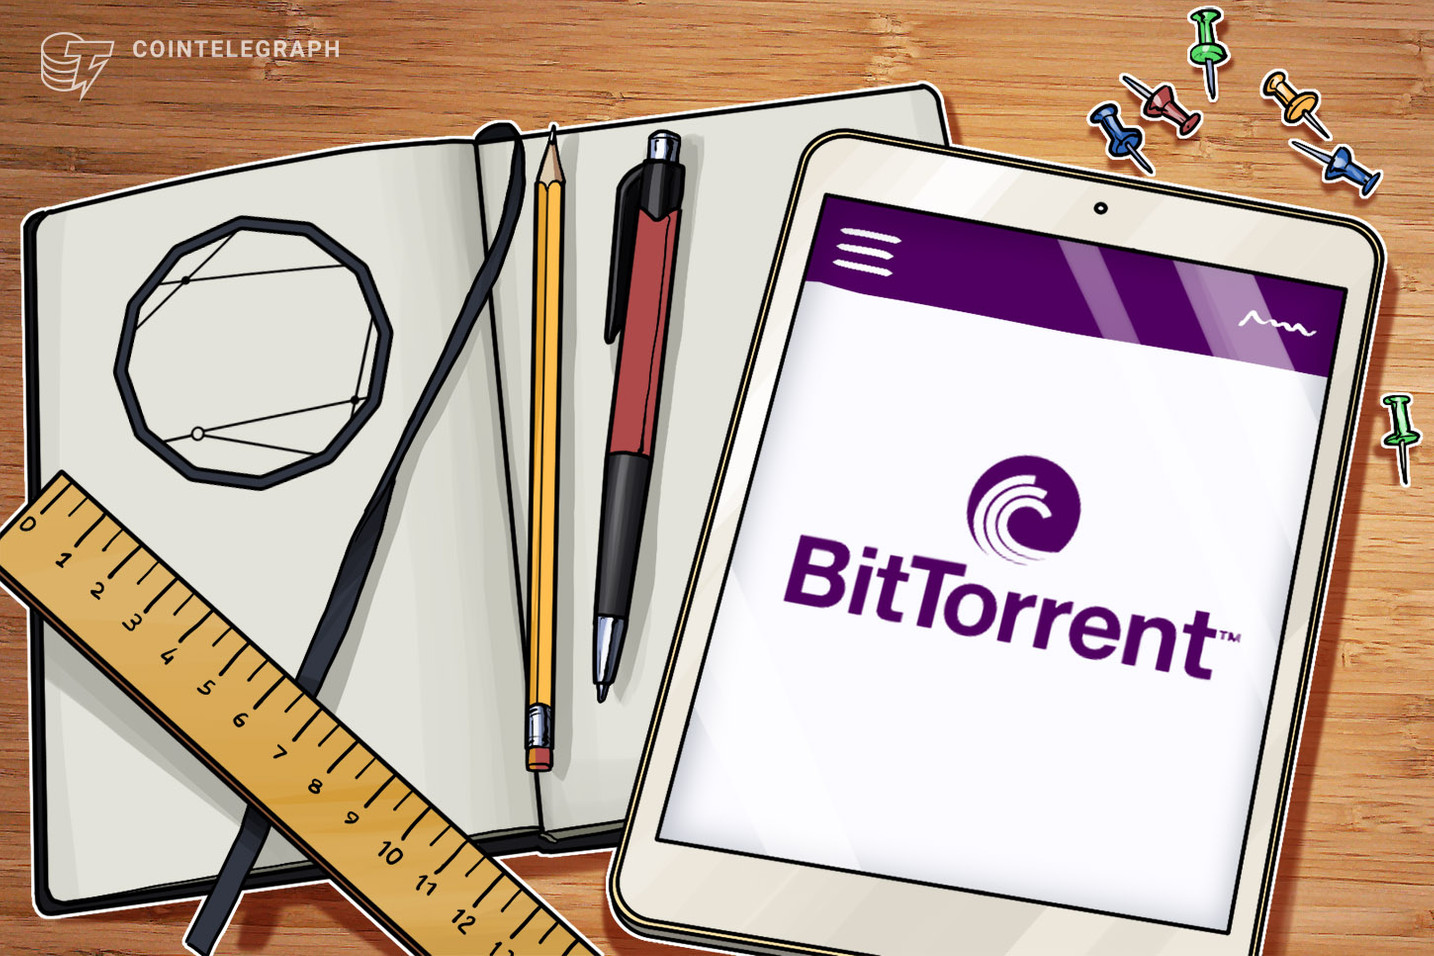 ビットトレントとトロン、新たなソフトウェア立ち上げ 独自仮想通貨でダウンロード速度向上目指す